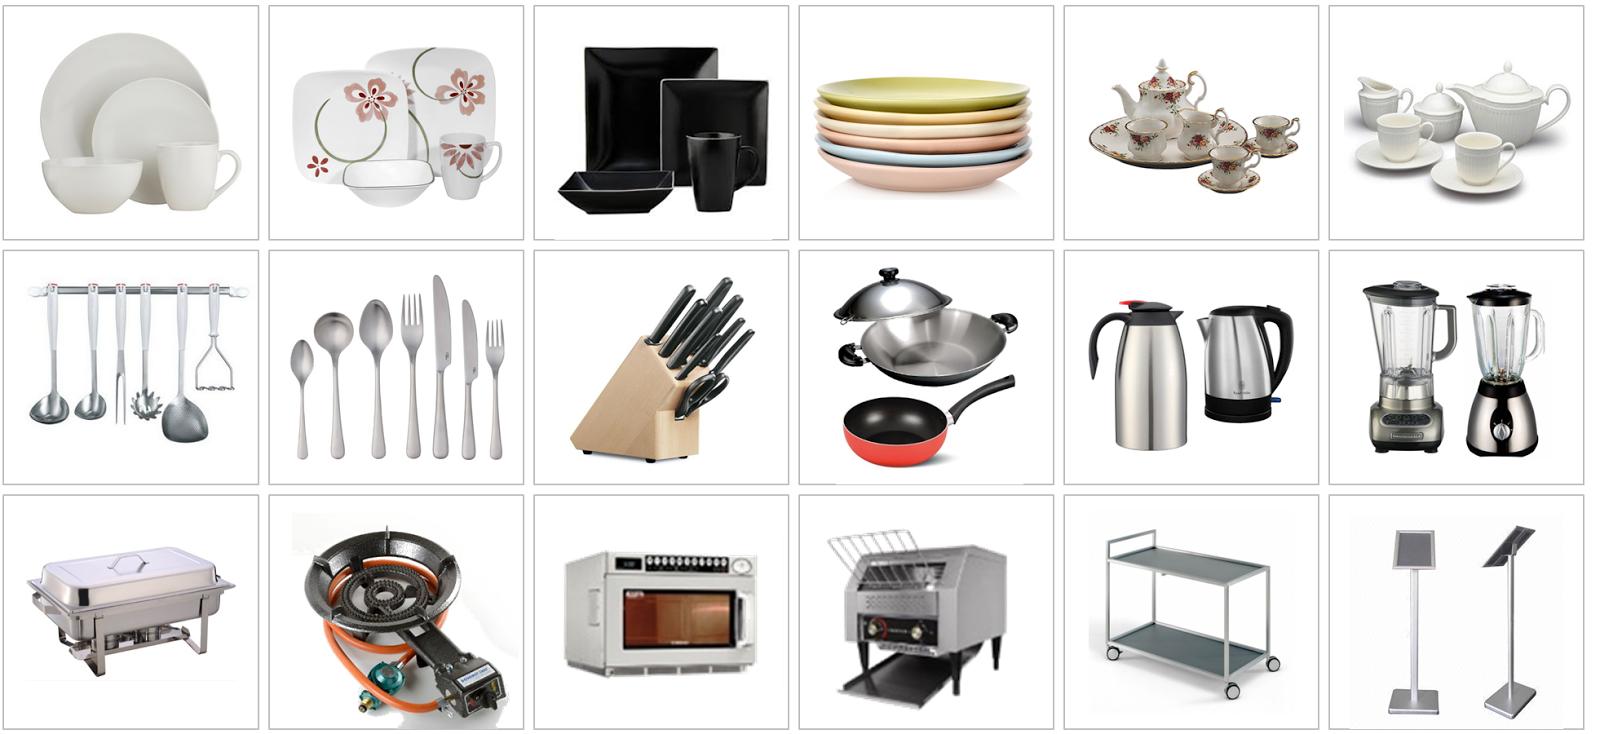 memiliki peralatan dapur yang sesuai dan berkualiti memudahkan kerja anda ketika menyedia makanan terutama sekali apabila kualiti